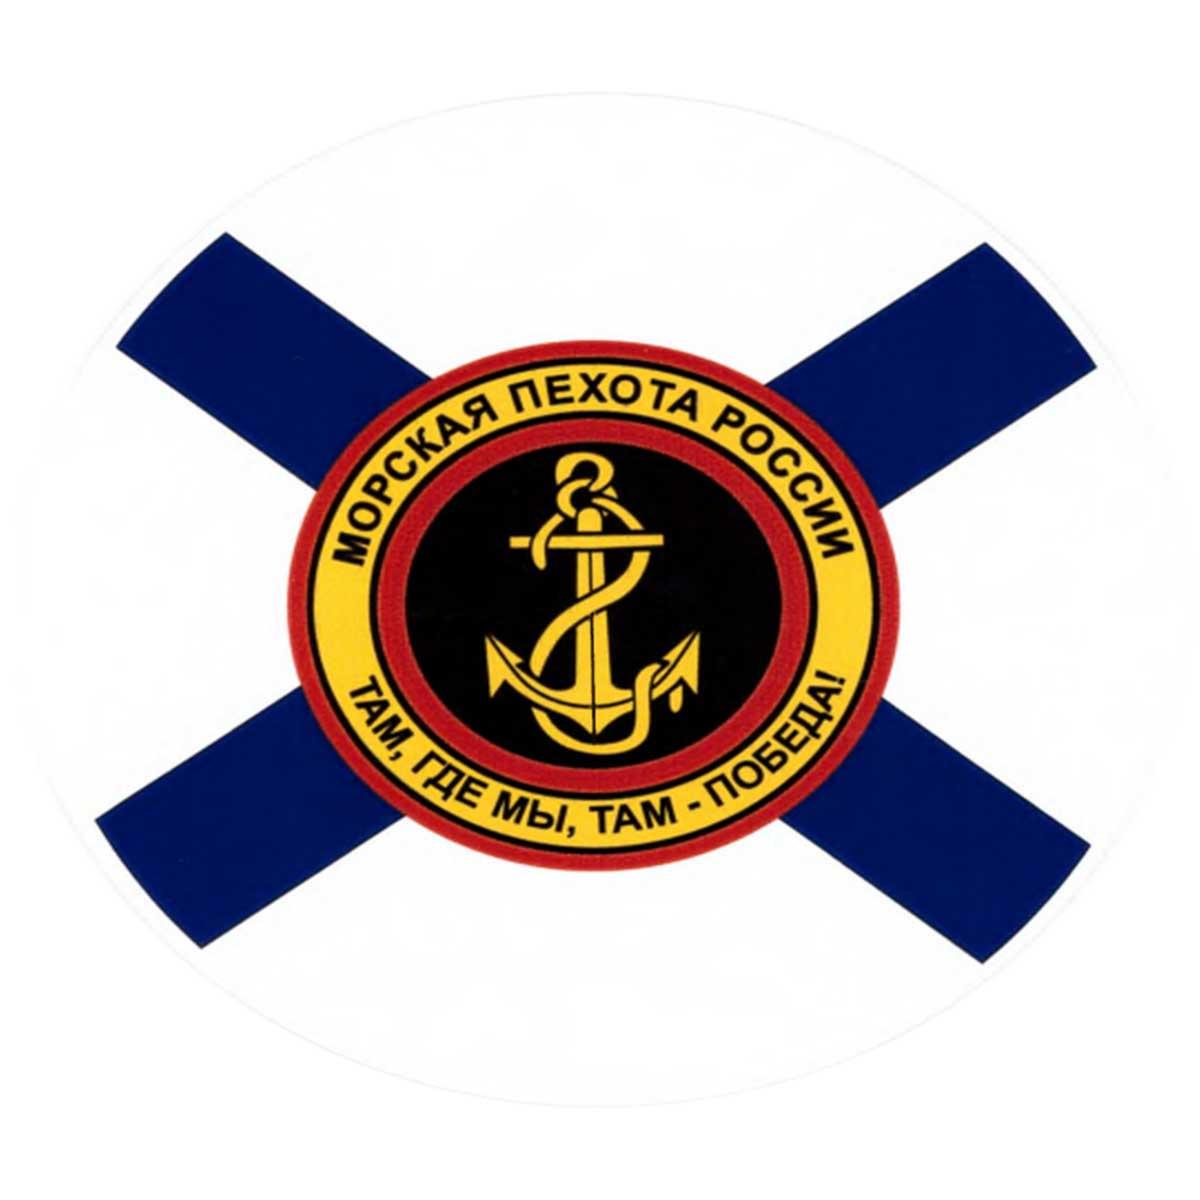 Морская пехота картинки в хорошем качестве, днем рождения